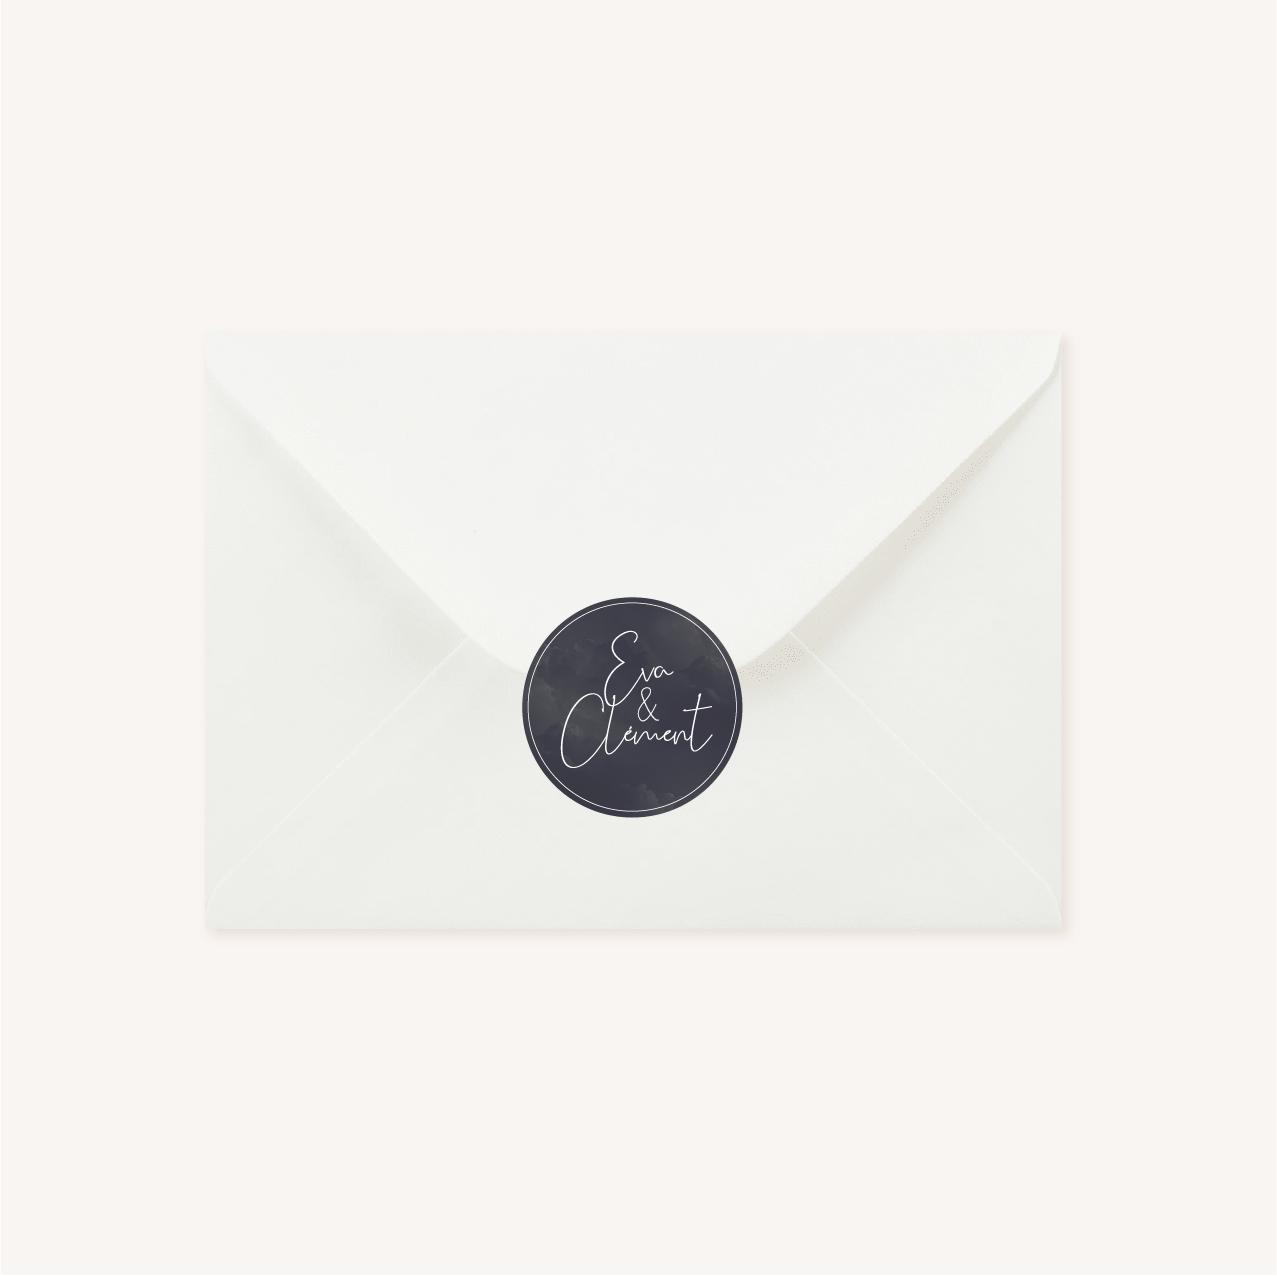 Enveloppe blanche avec étiquette personnalisée ronde pour faire-part de mariage aux thèmes nuit, étoiles, nuages, rêves, comètes et couleurs gris, blanc, or